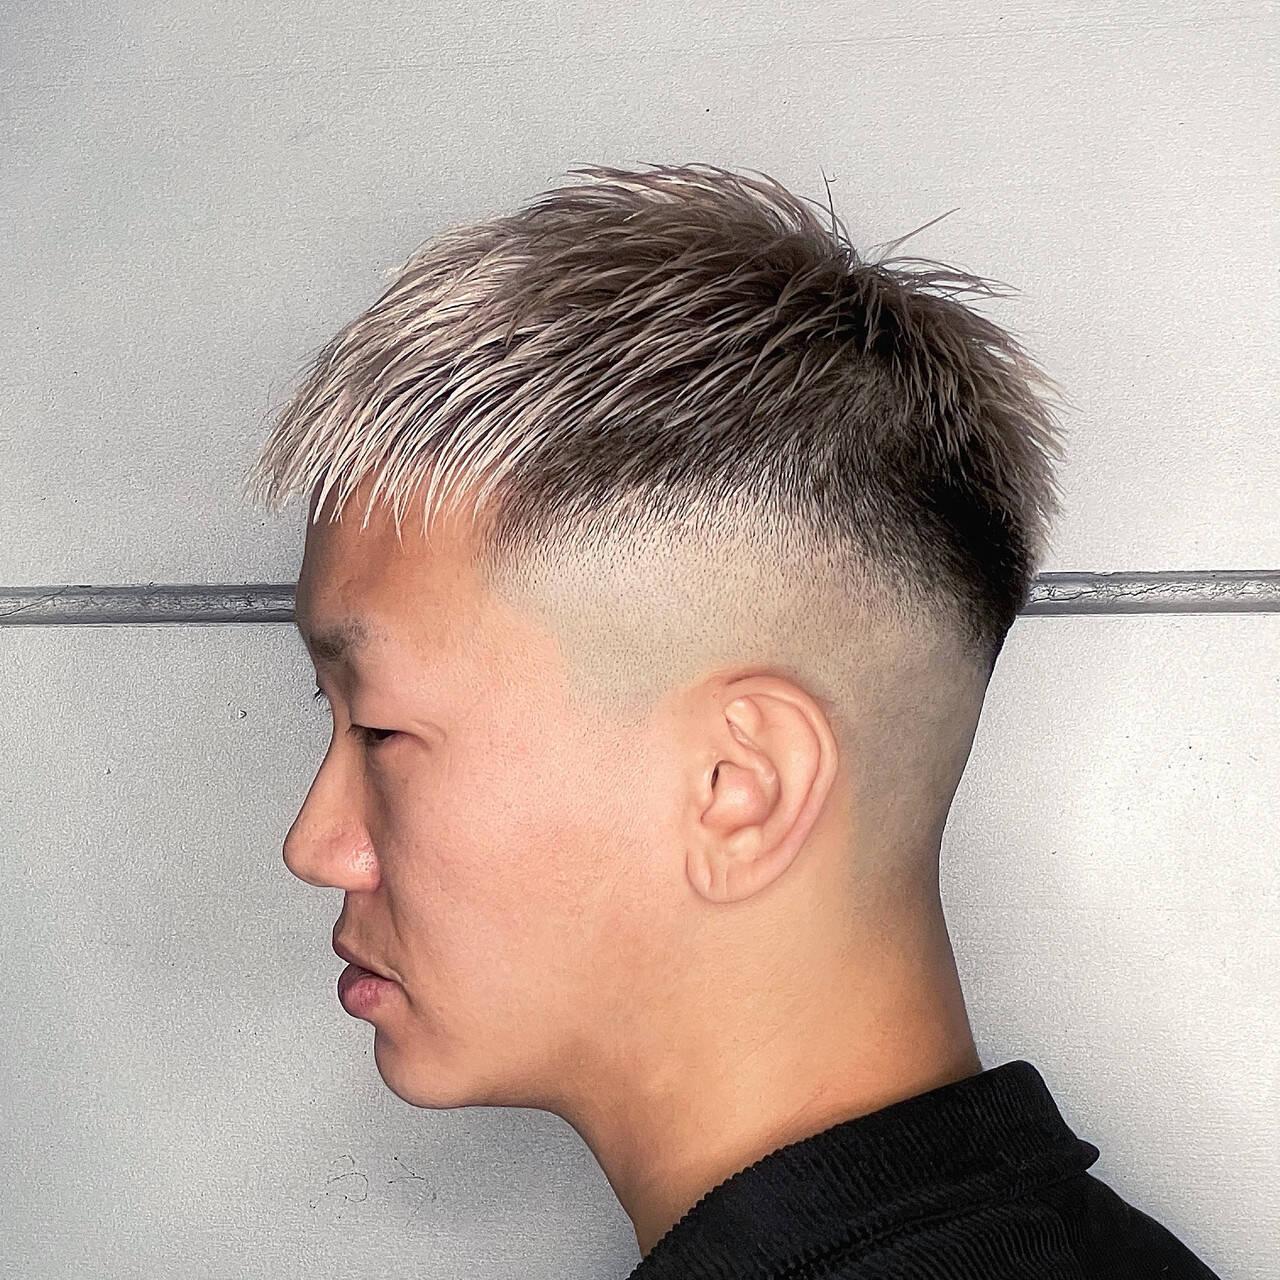 ショート メンズヘア フェードカット スキンフェードヘアスタイルや髪型の写真・画像